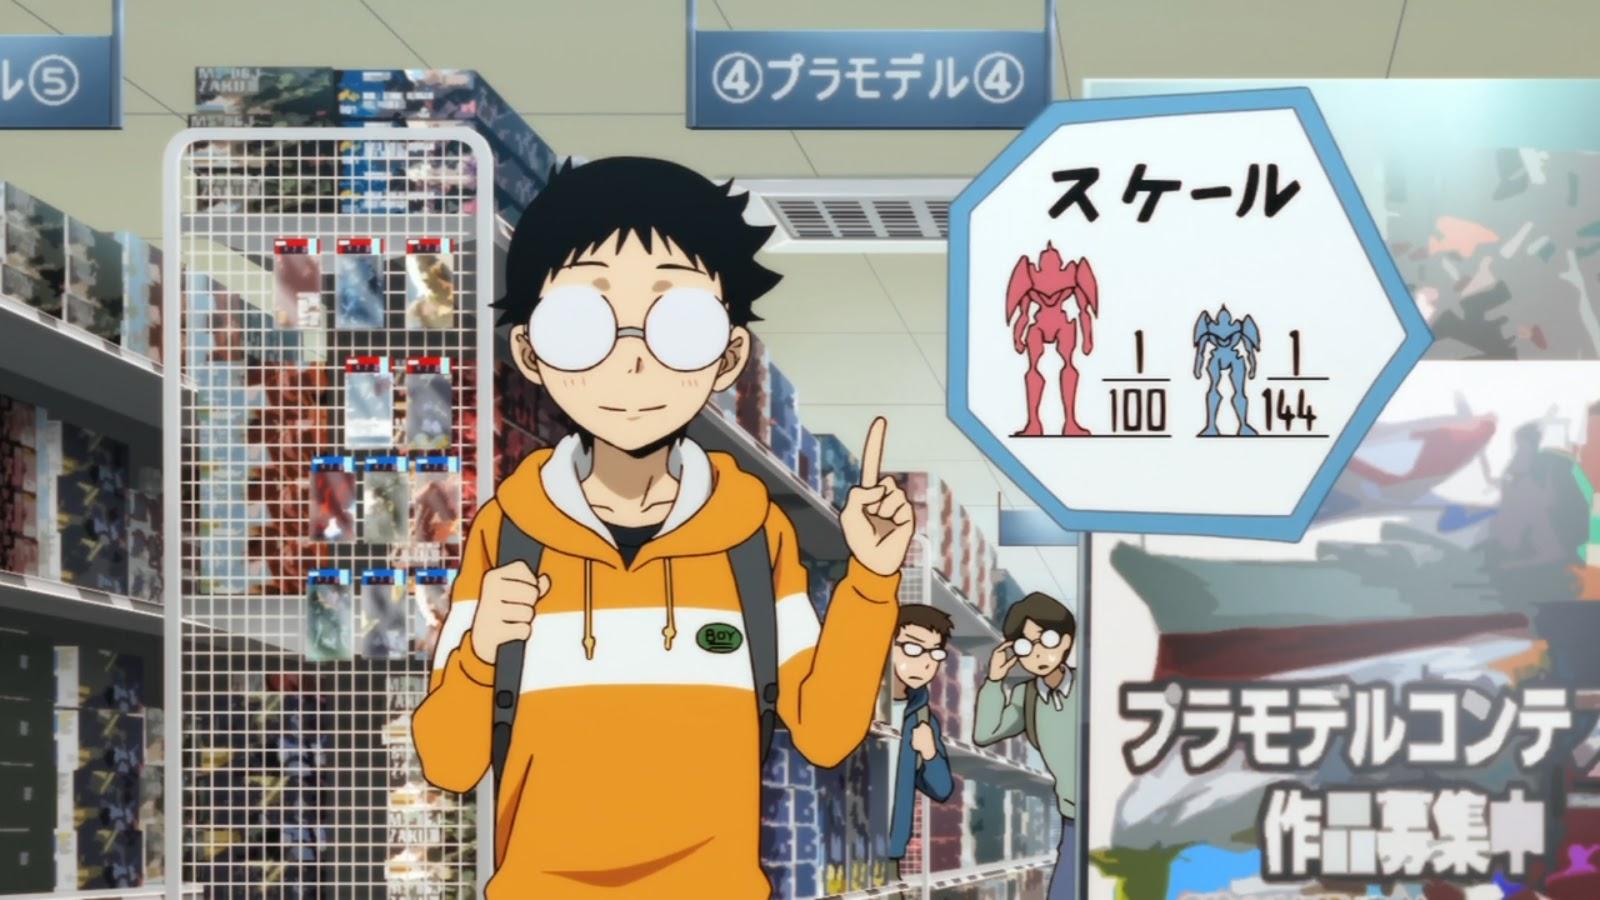 otaku in anime